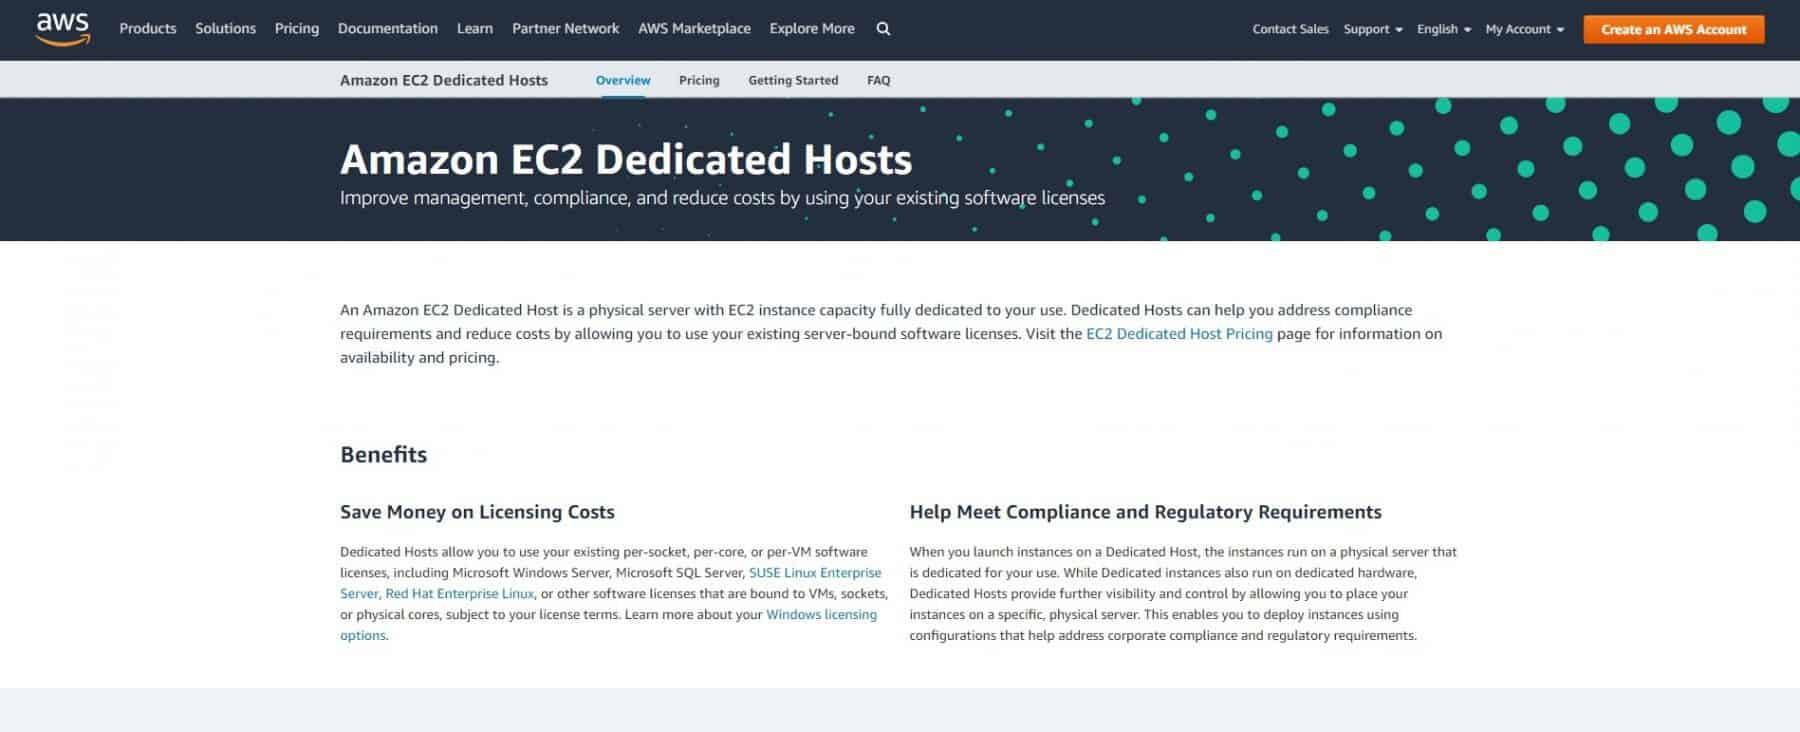 amazon ec2 dedicated